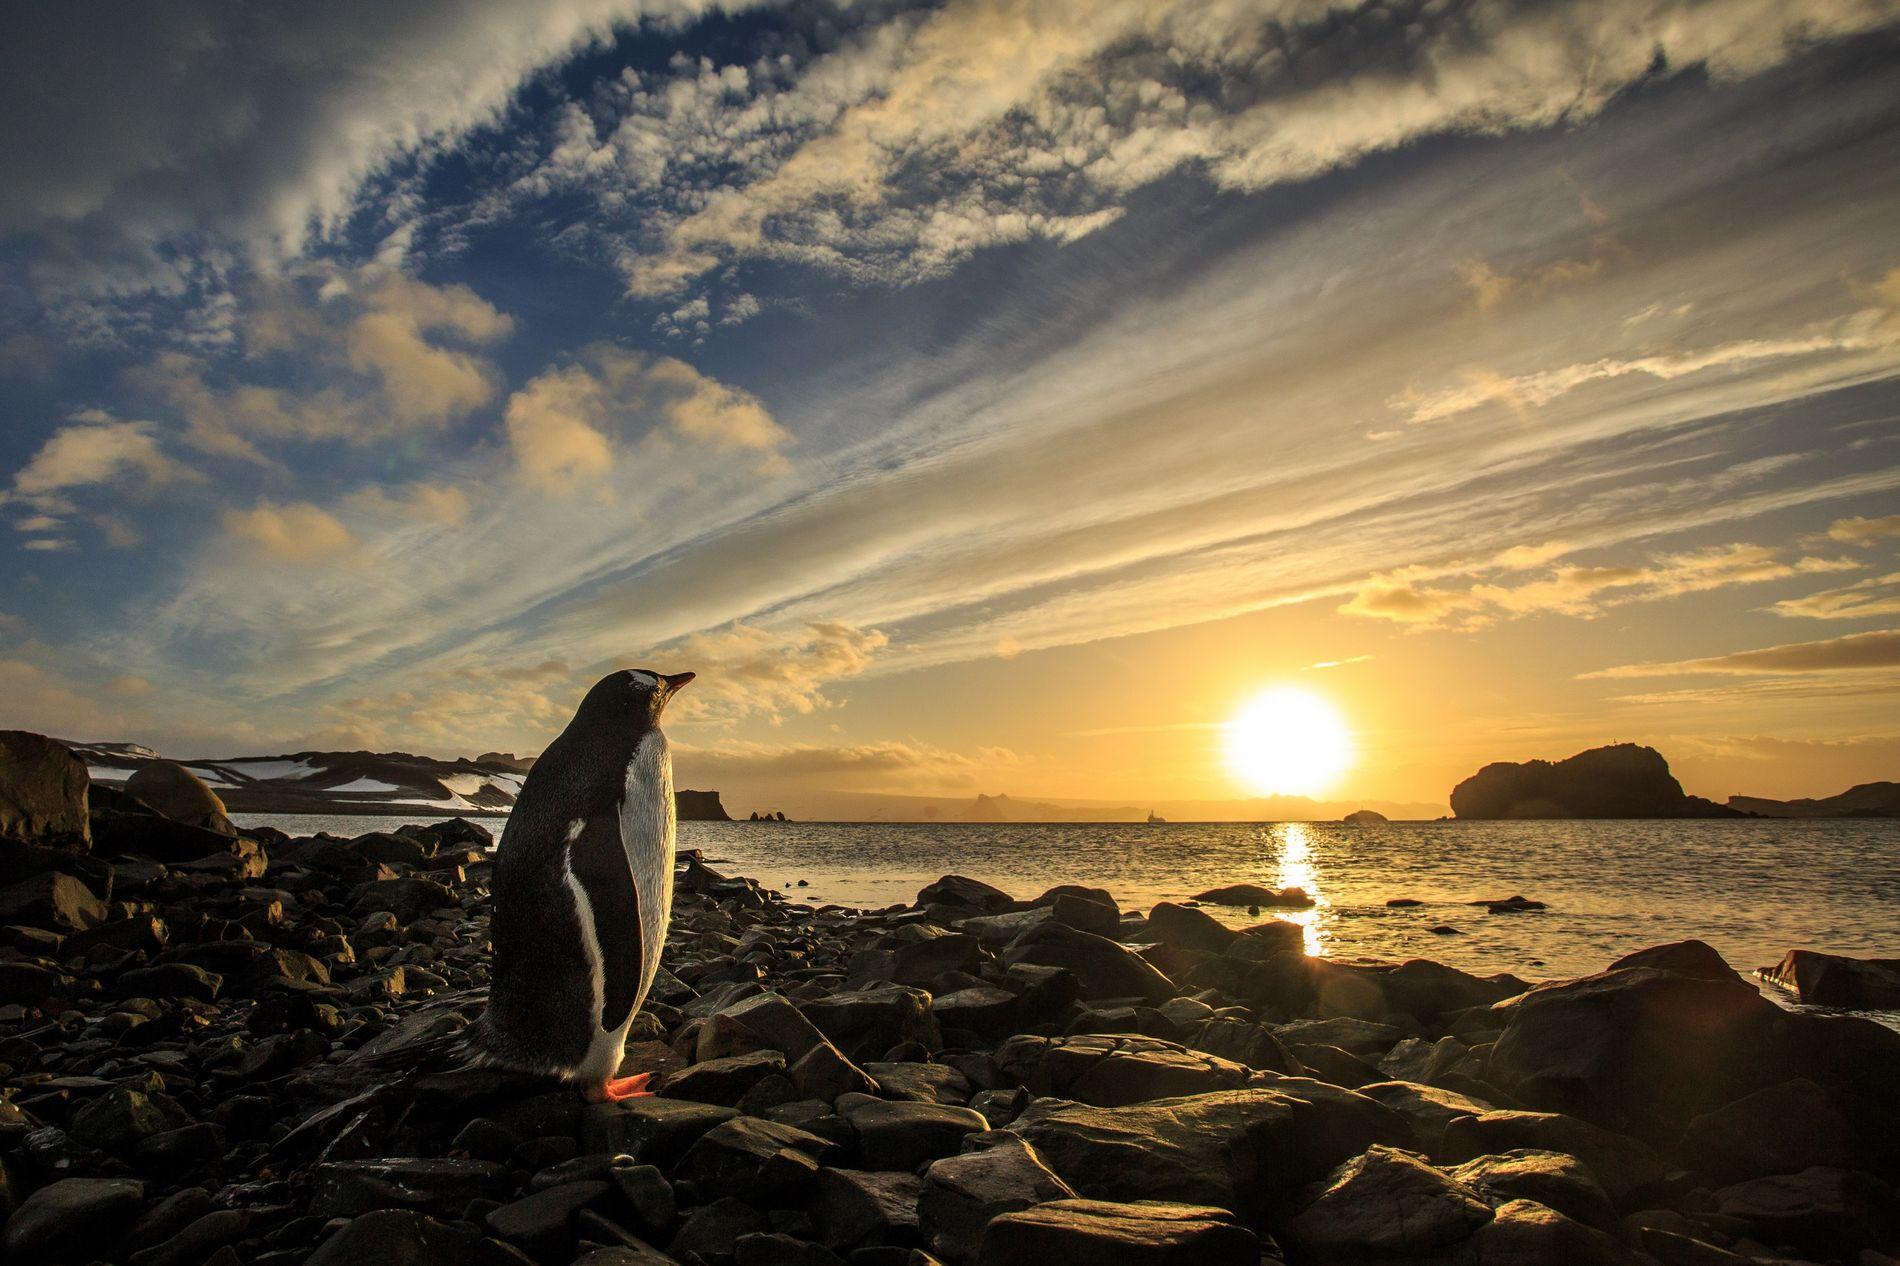 Antártida: a vida selvagem resplandece no continente gelado